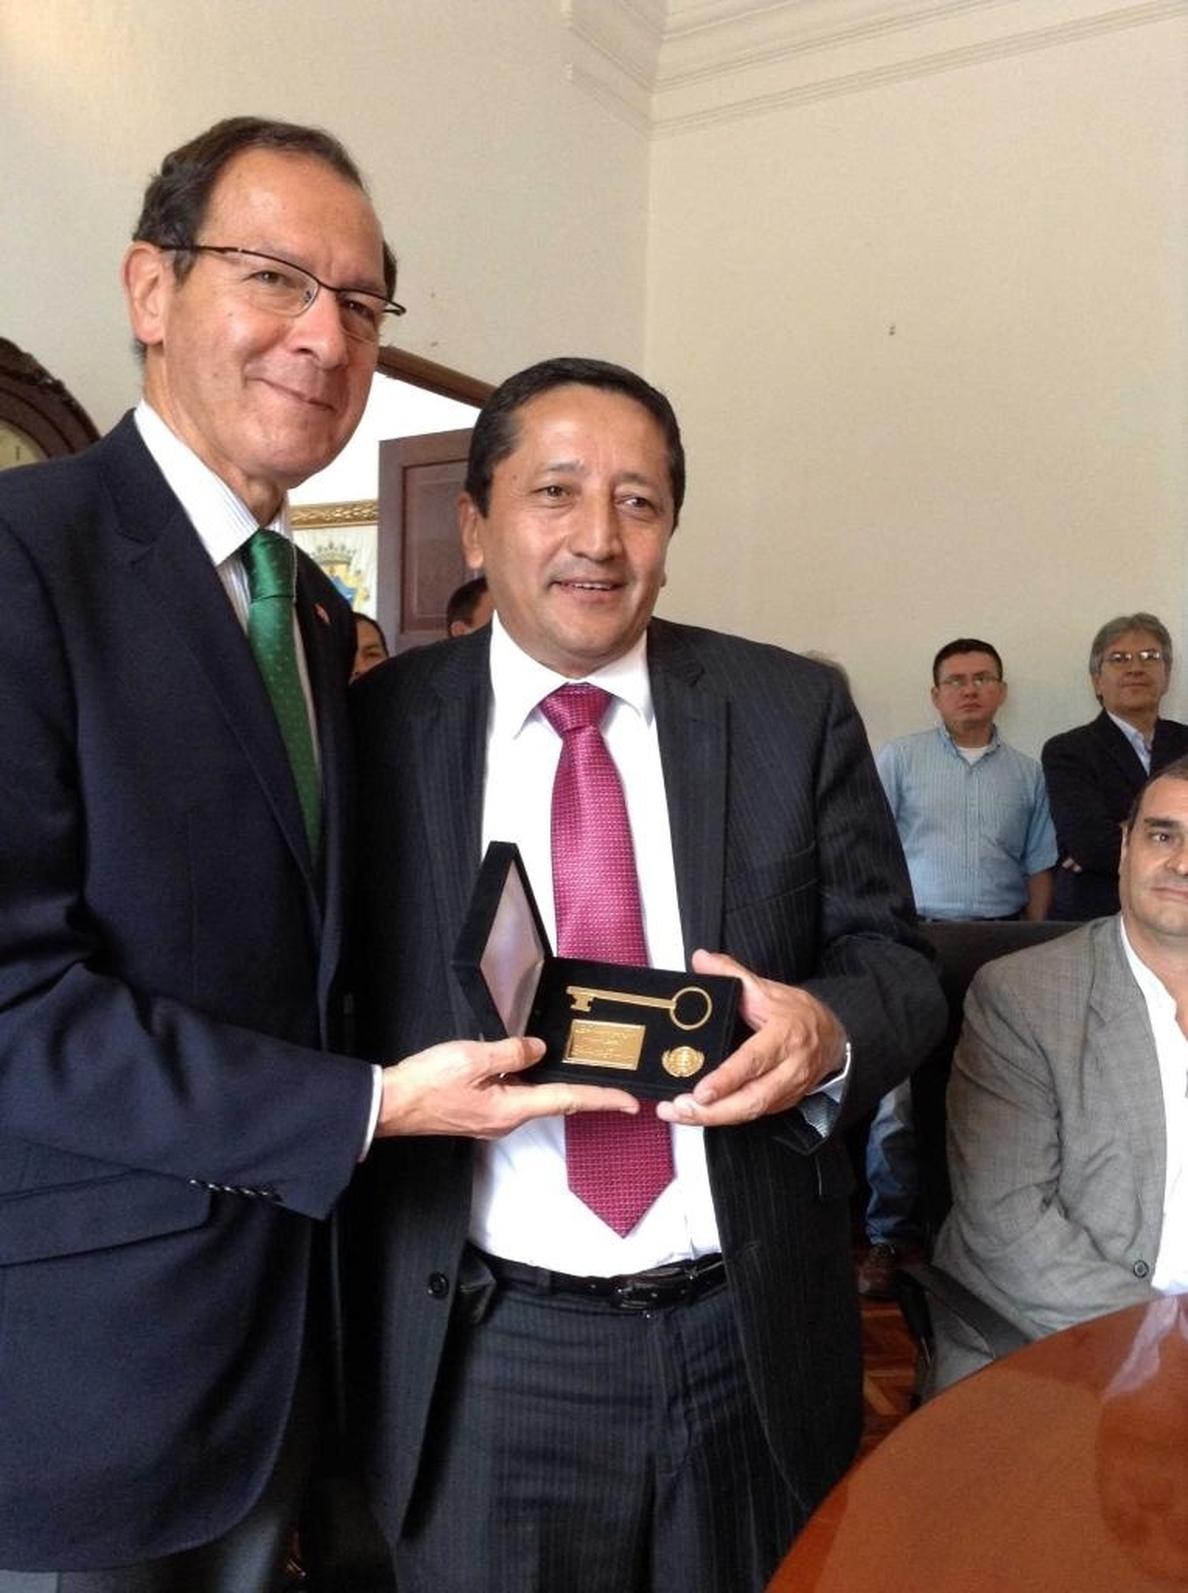 El Concejo de Popayán nombra Huésped de Honor al alcalde Cámara y le entrega las Llaves de la Ciudad